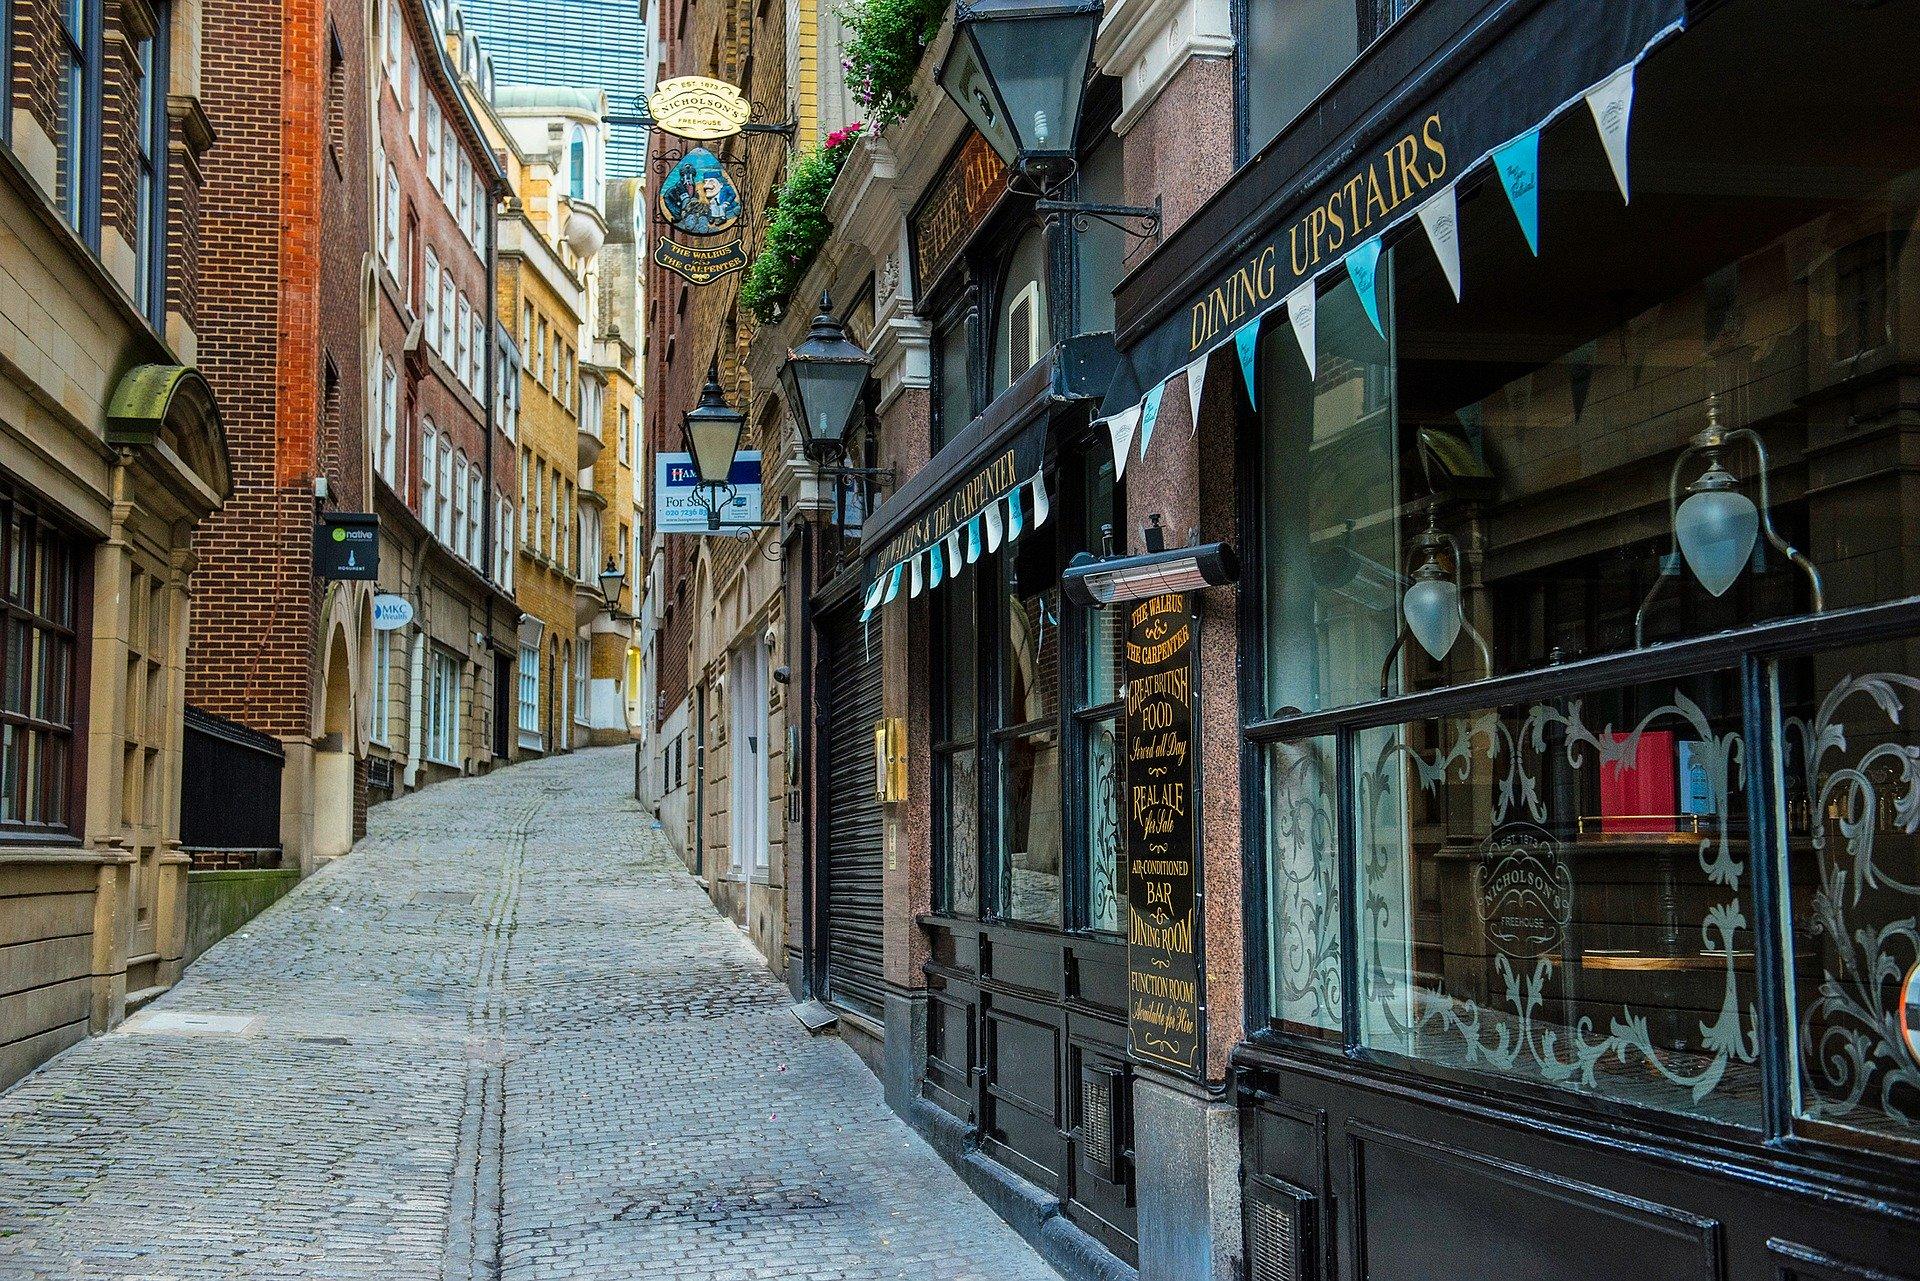 Lovat Lane, London, by David Mark on Pixabay